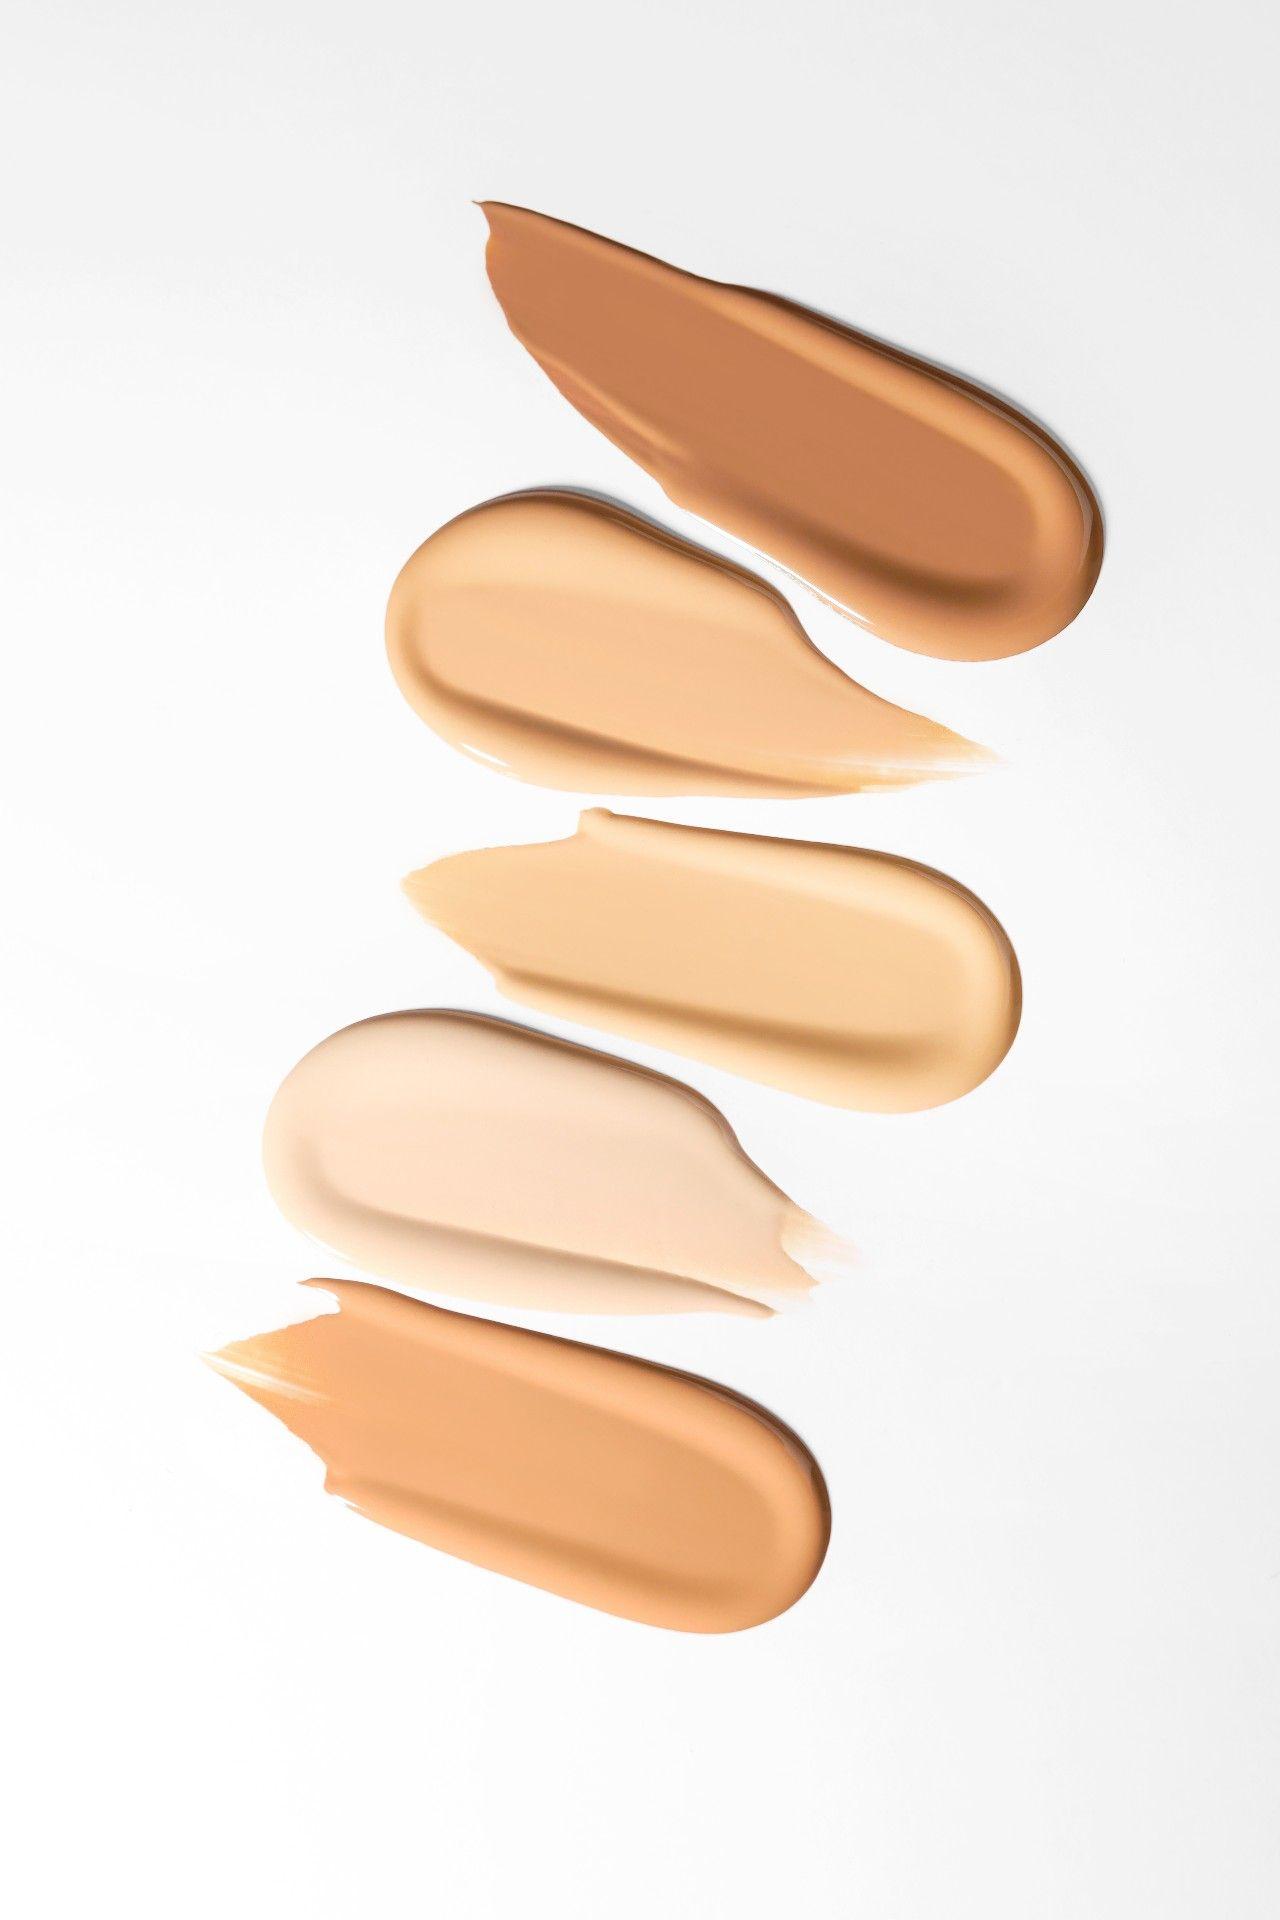 BLP X AVOSKIN Multipurpose Tinted Sunscreen